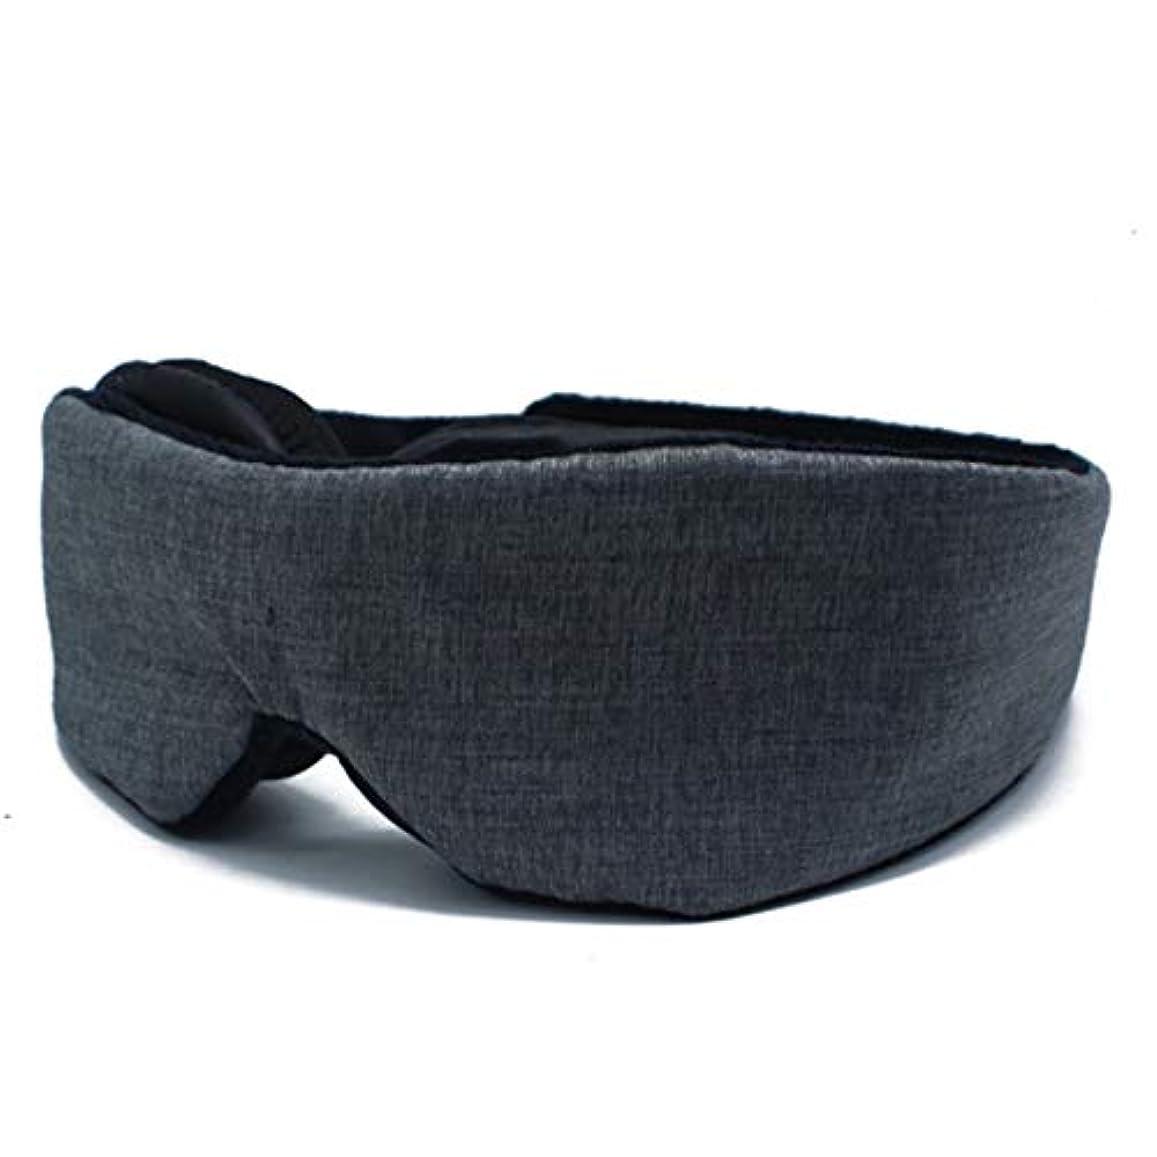 最大砂漠アリスNOTE 3dスリーピングアイマスク調節可能ブロックアウトライトアイカバーパッチ通気性トラベルレスト睡眠補助アイマスク目隠し睡眠